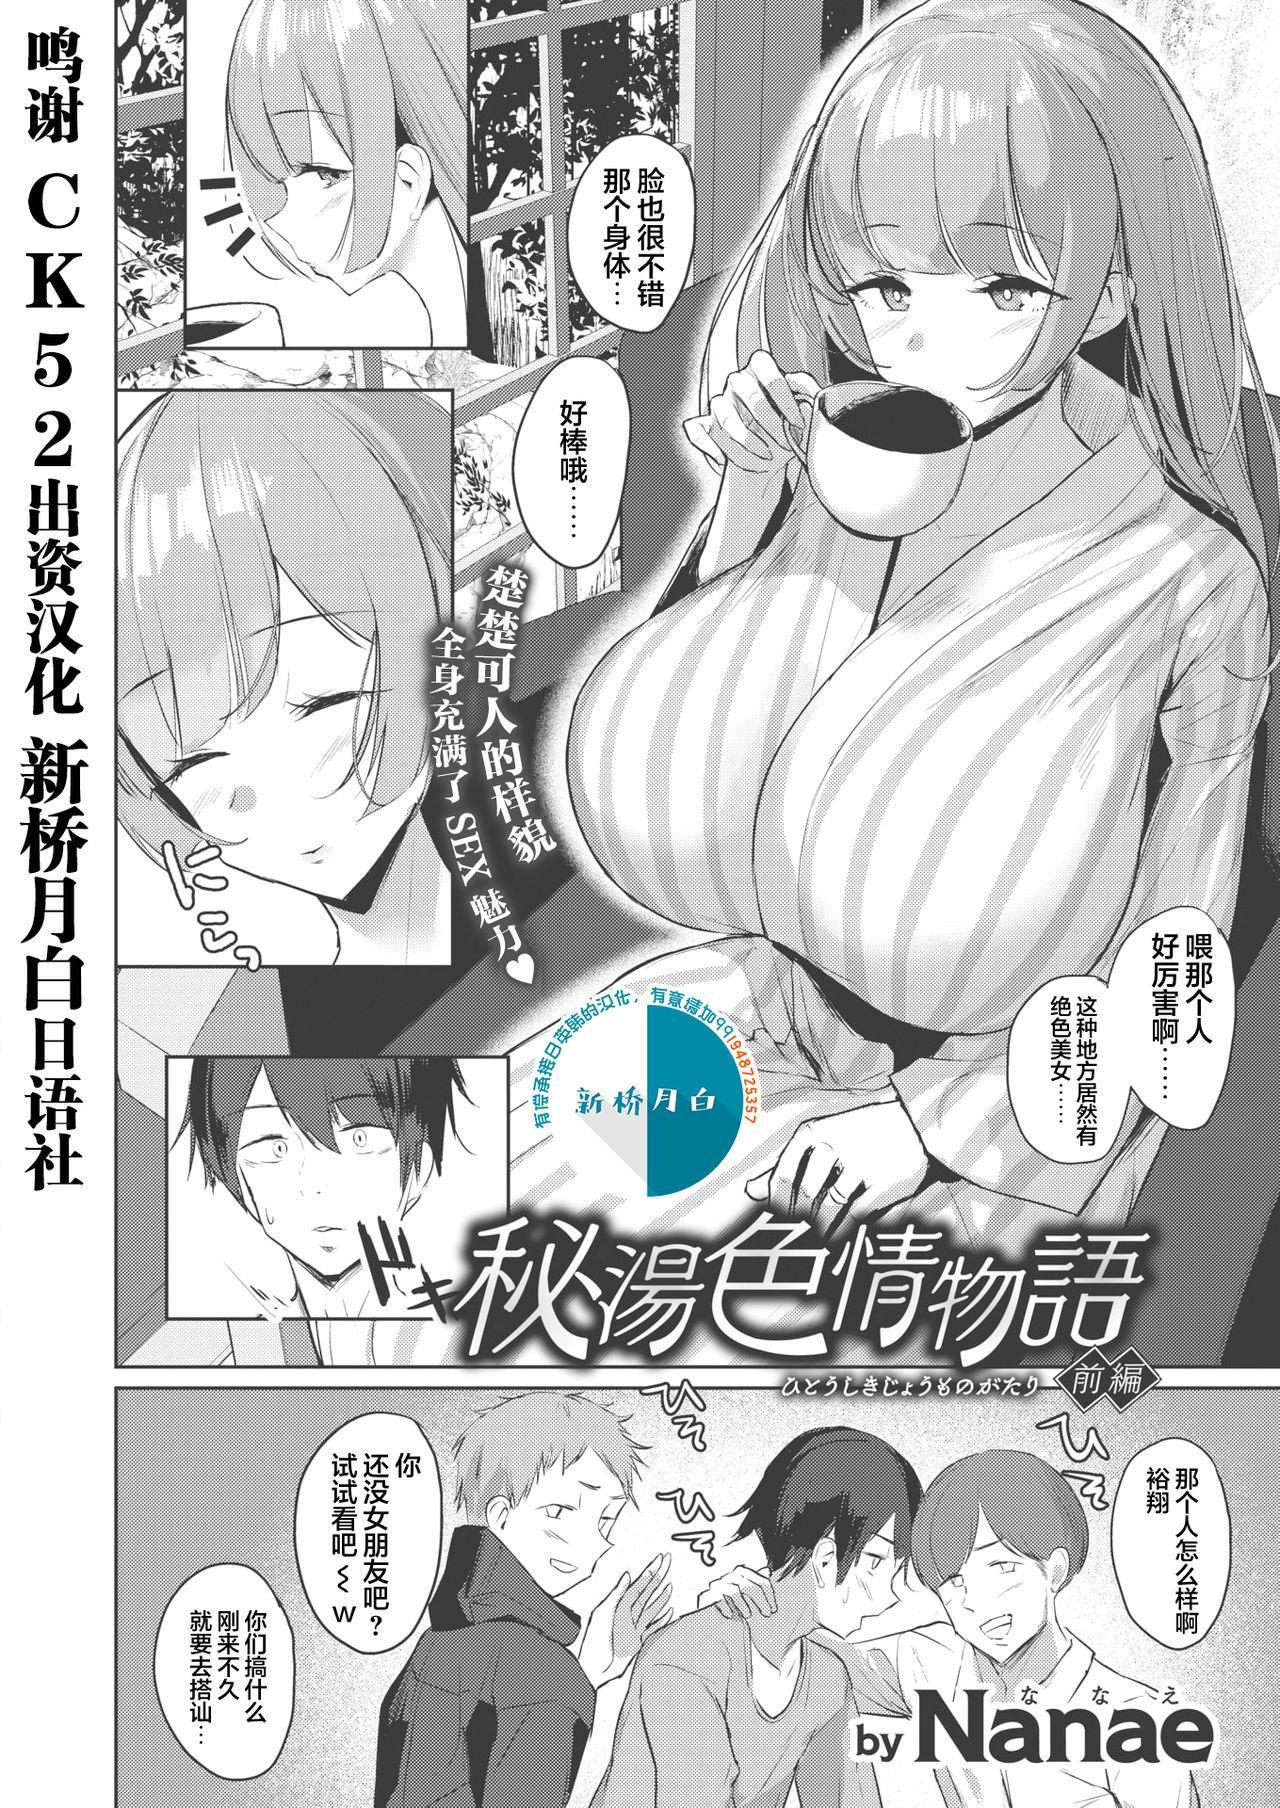 Hitou Shikijou Monogatari 1